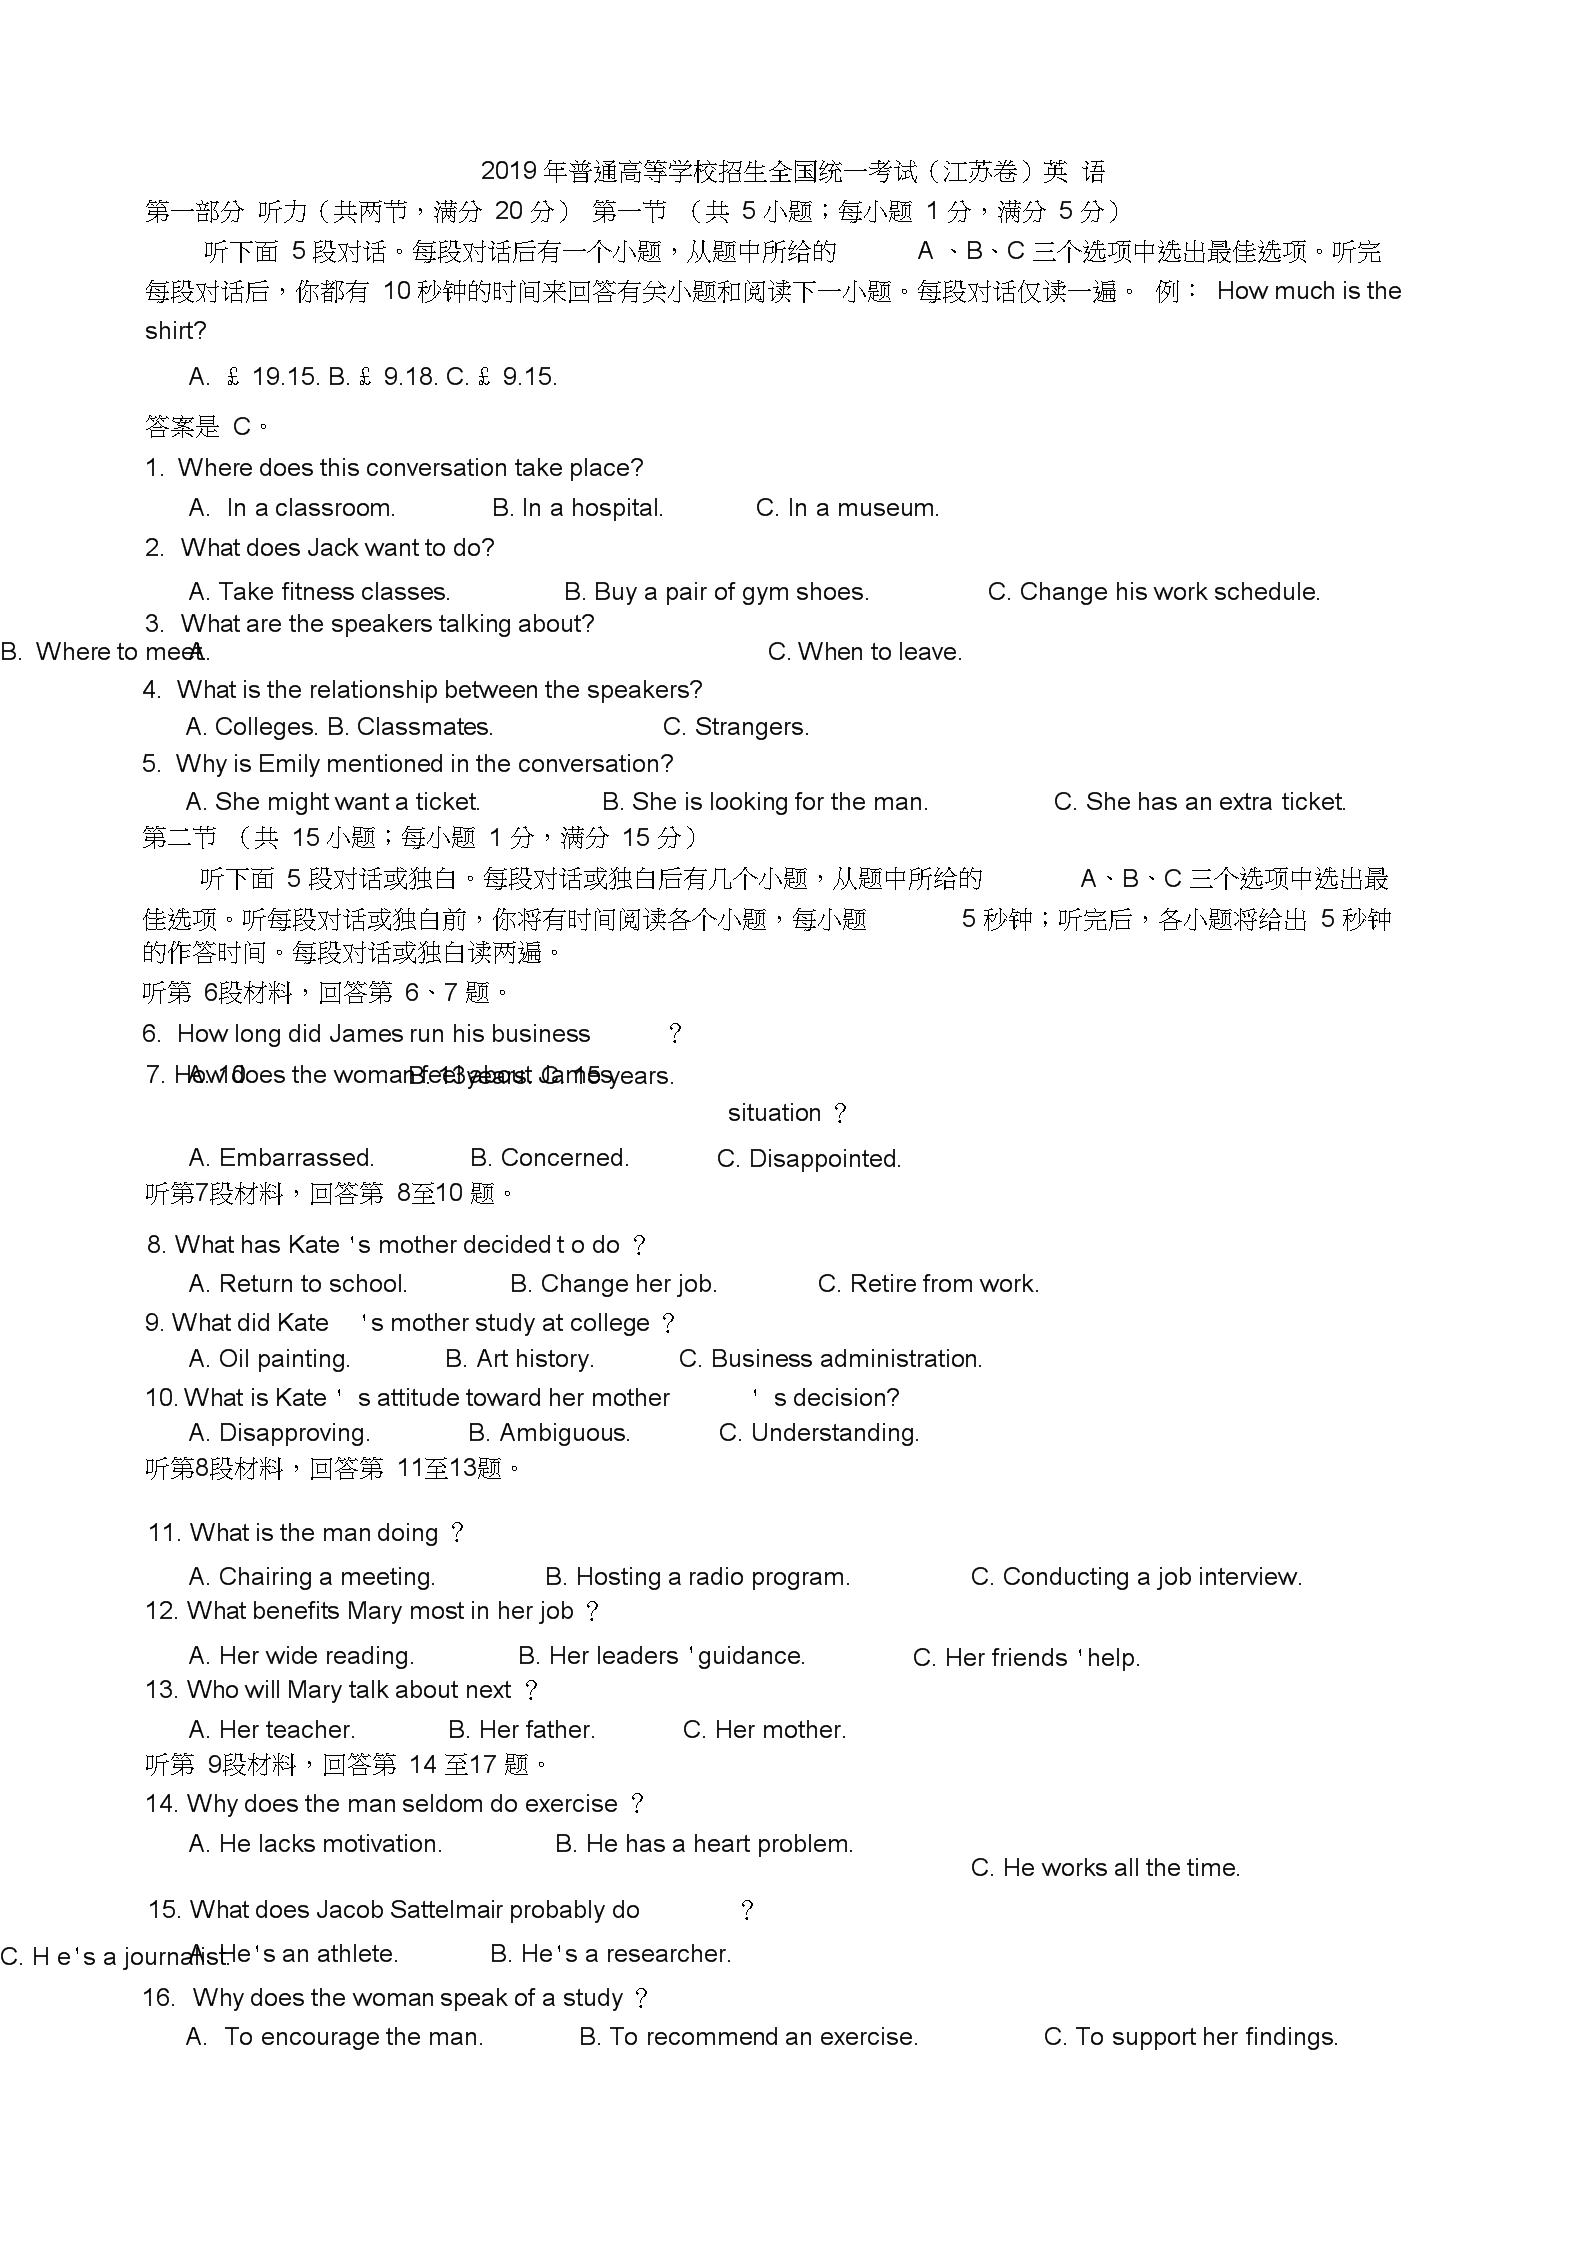 2019---江苏卷---英语高考试题.docx